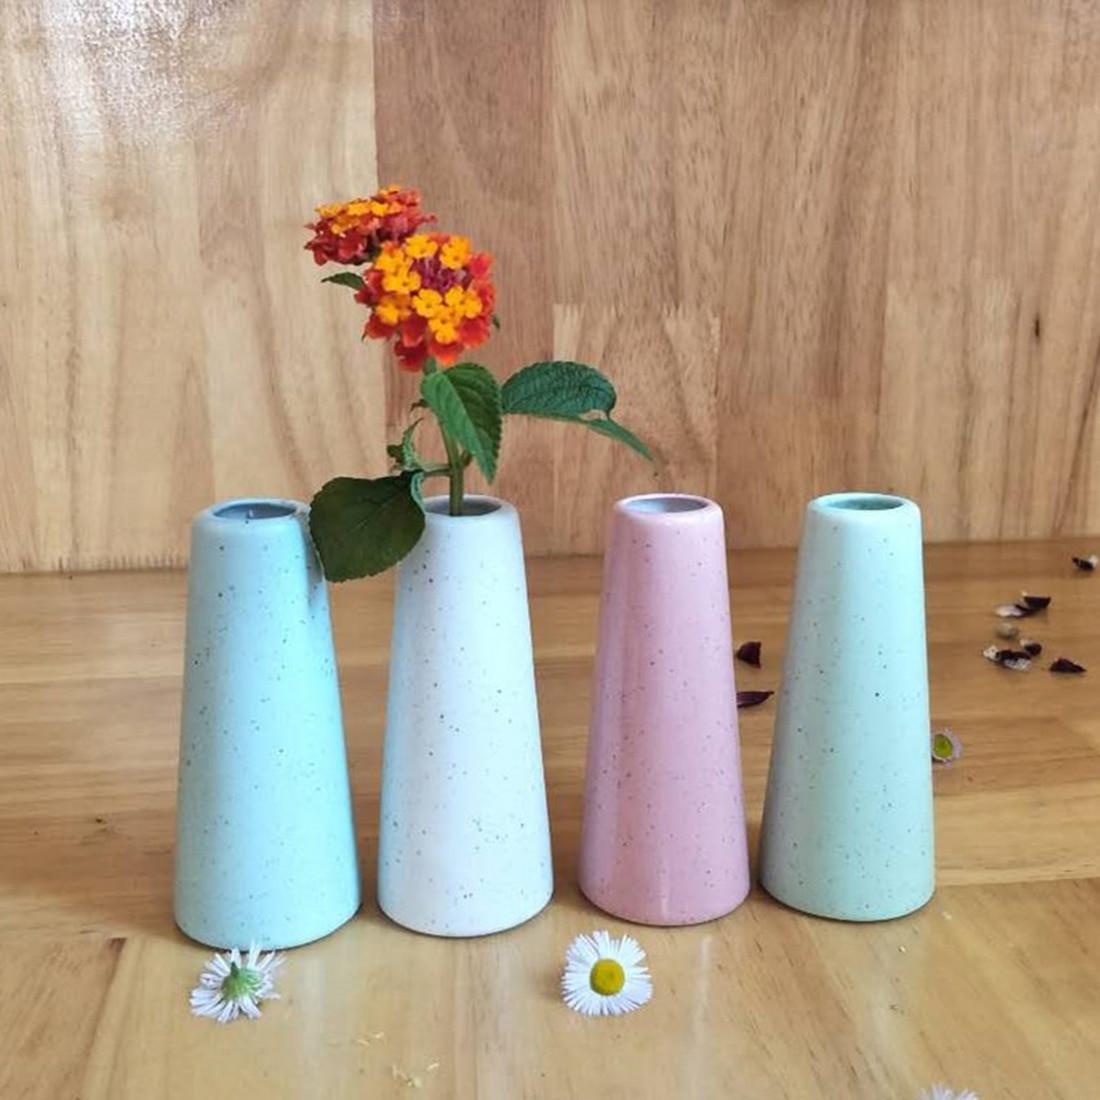 Korean Vases for Sale Of Flower Vases for Homes Mini Ceramic Tabletop Vase for Flowers Home within Flower Vases for Homes Mini Ceramic Tabletop Vase for Flowers Home Room Study Hallway Office Wedding Decor Pink Skyblue White In Vases From Home Garden On